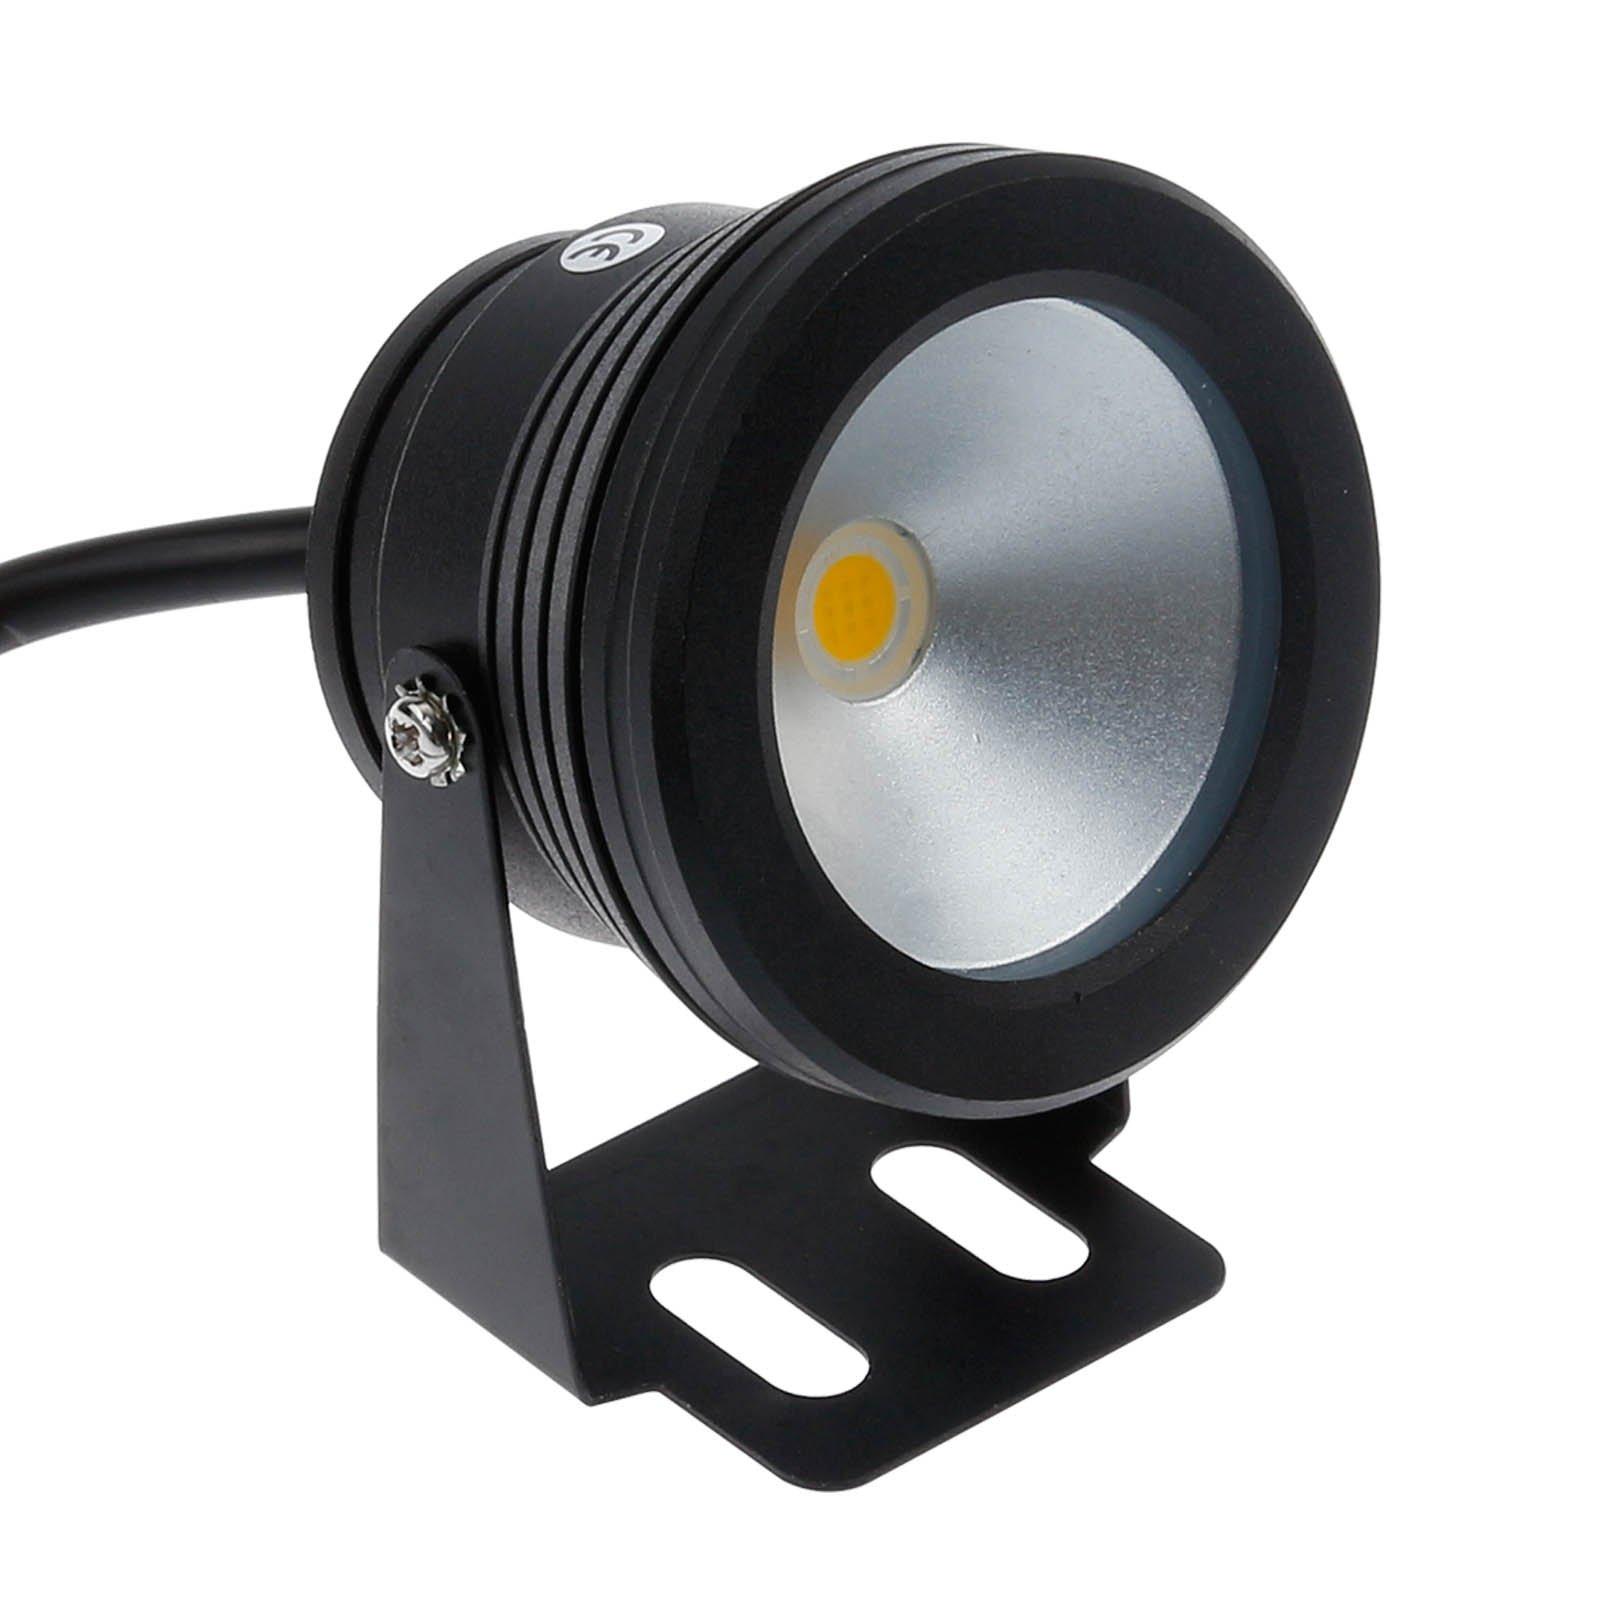 Lemonbest 10w 12v Black LED Underwater Flood Light for Landscape Fountain Pond Pool, Warm White